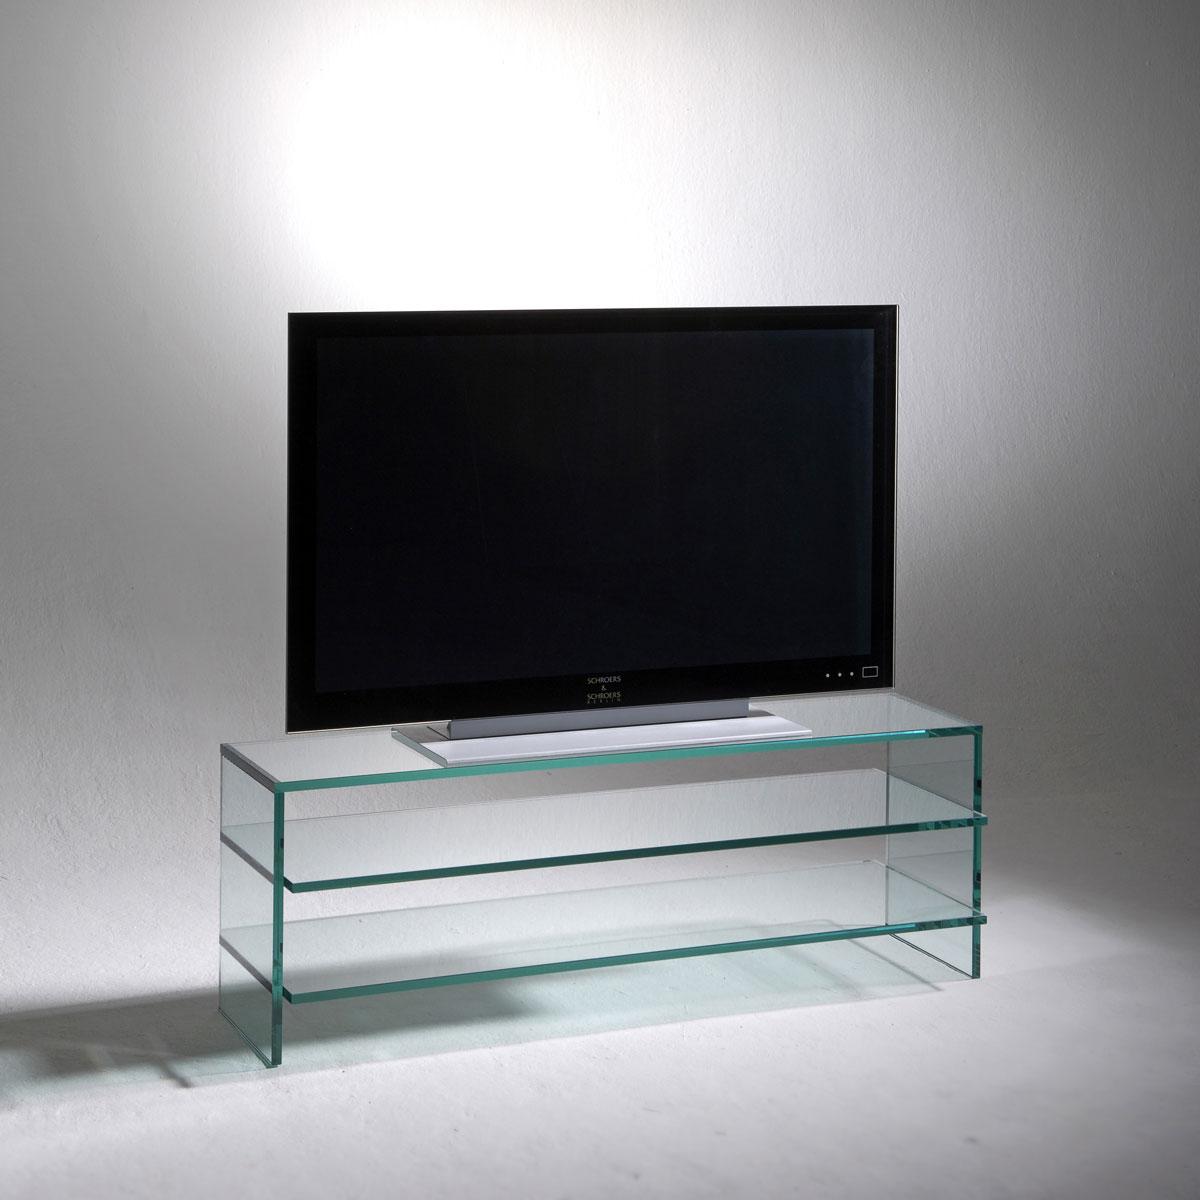 Ganzglasmöbel (15mm) für Hifi und TV. 3 Ablageböden. 110x42,5x42 cm (BxHxT). Modell Clear von Schroers&Schroers.